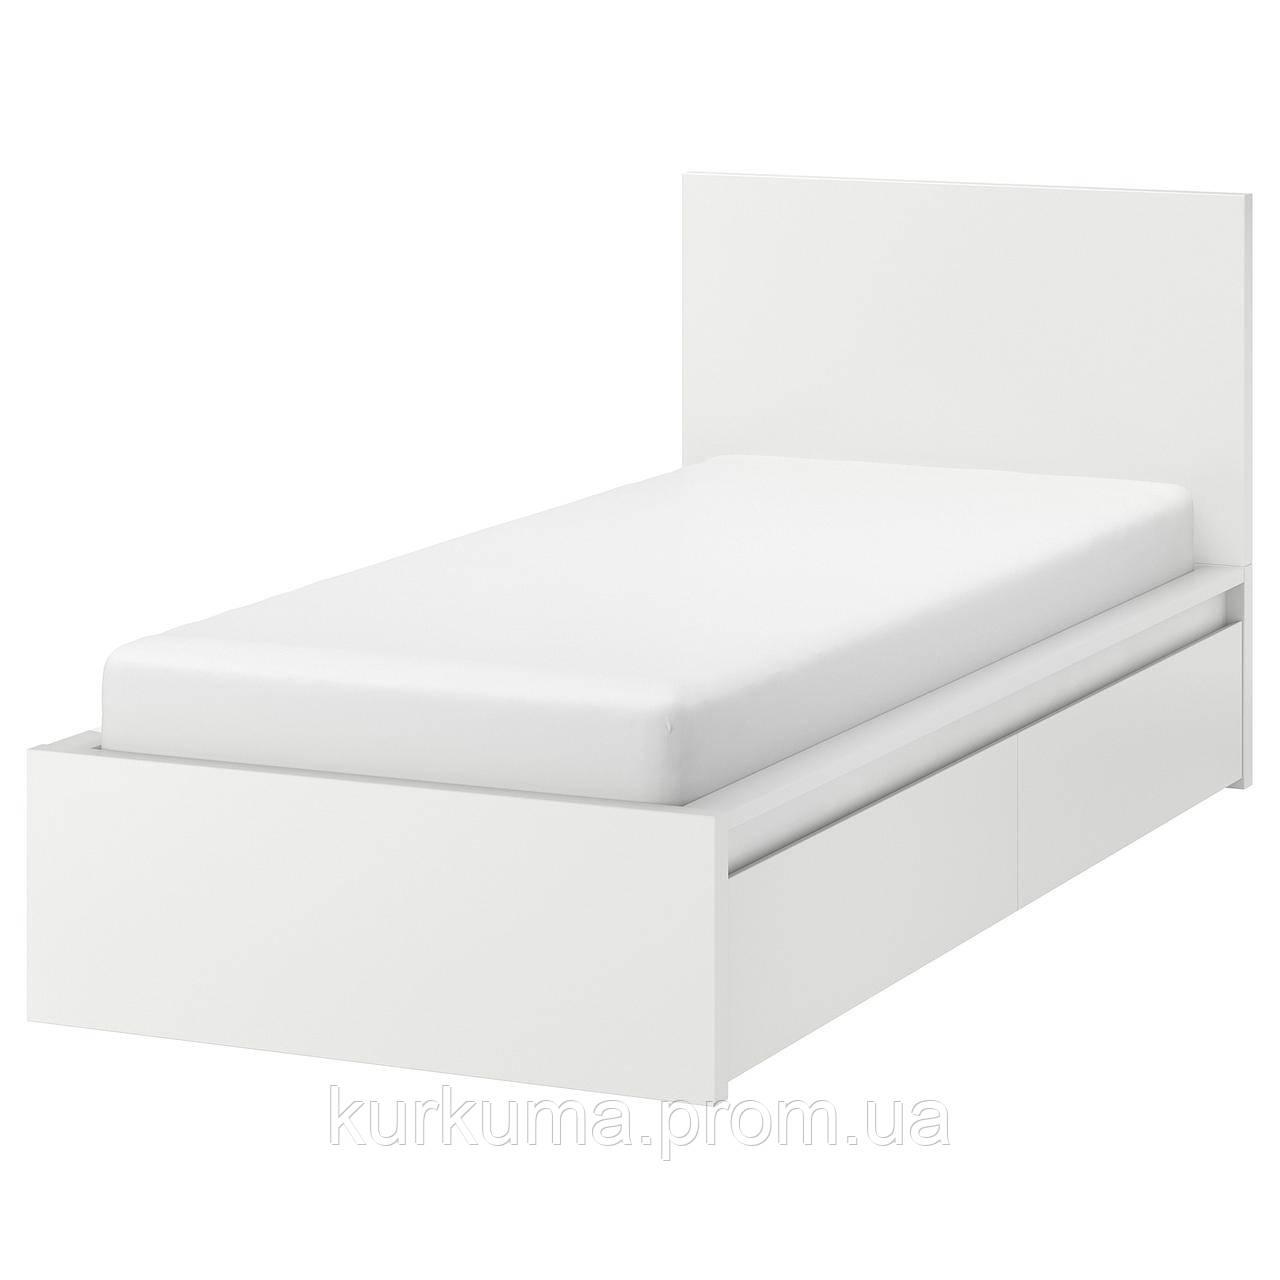 IKEA MALM Кровать высокая с 2 ящиками для хранения, белый, Лонсет  (890.327.38)